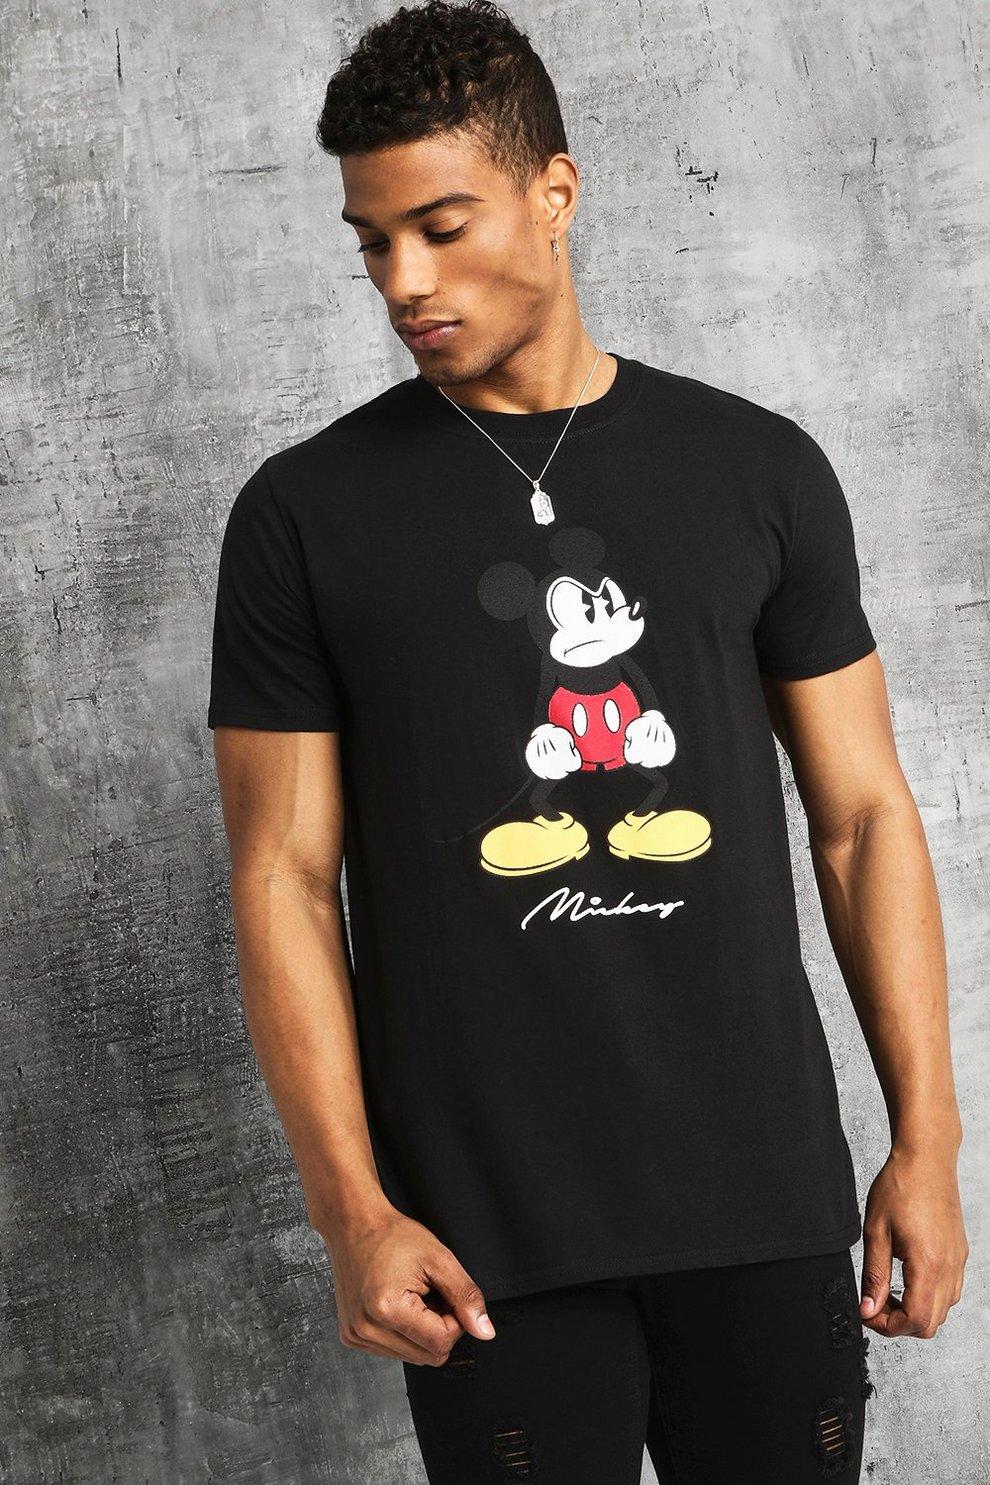 Camiseta Enfadado De Estampado Disney Con Mickey dBroCxe